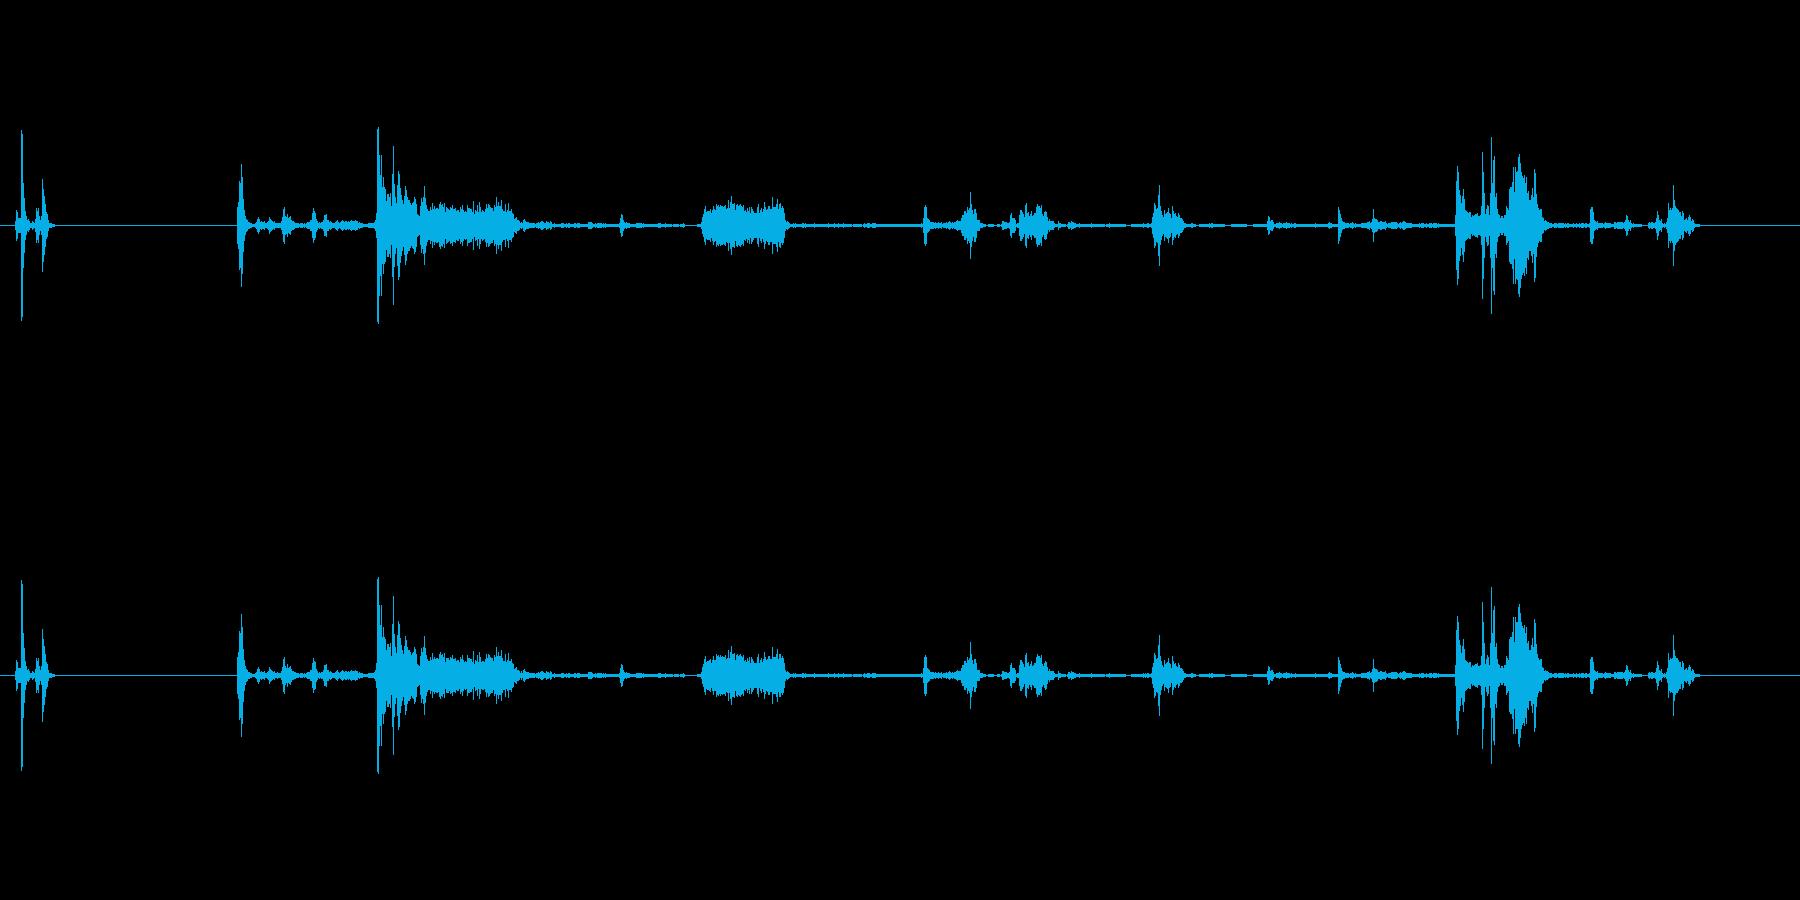 【プリンター01-on2】の再生済みの波形